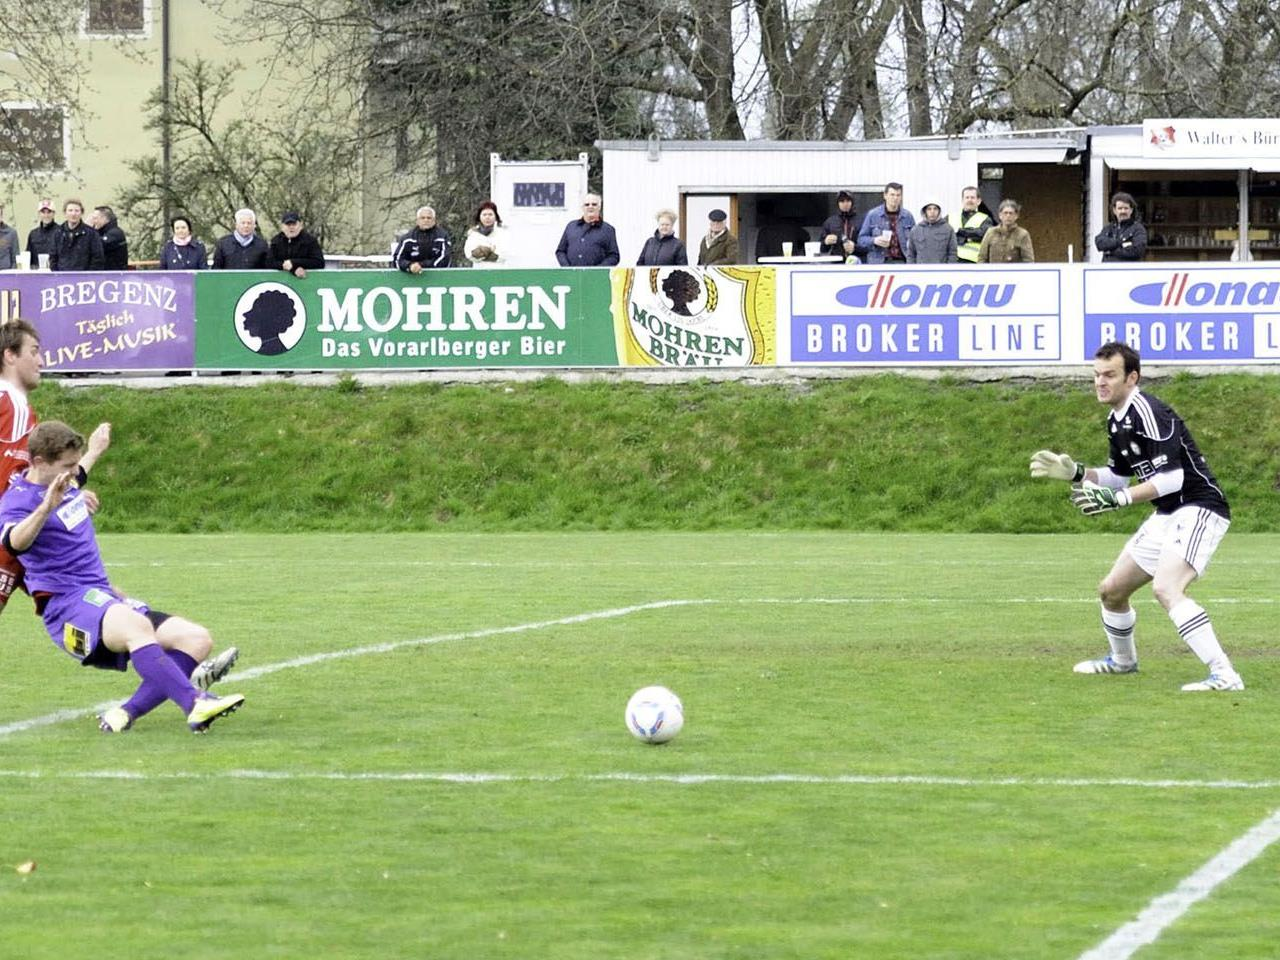 Der 3:0-Heimsieg gegen den Tabellenzweiten zeigt die aktuelle Stärke des FC Viktoria Bregenz.